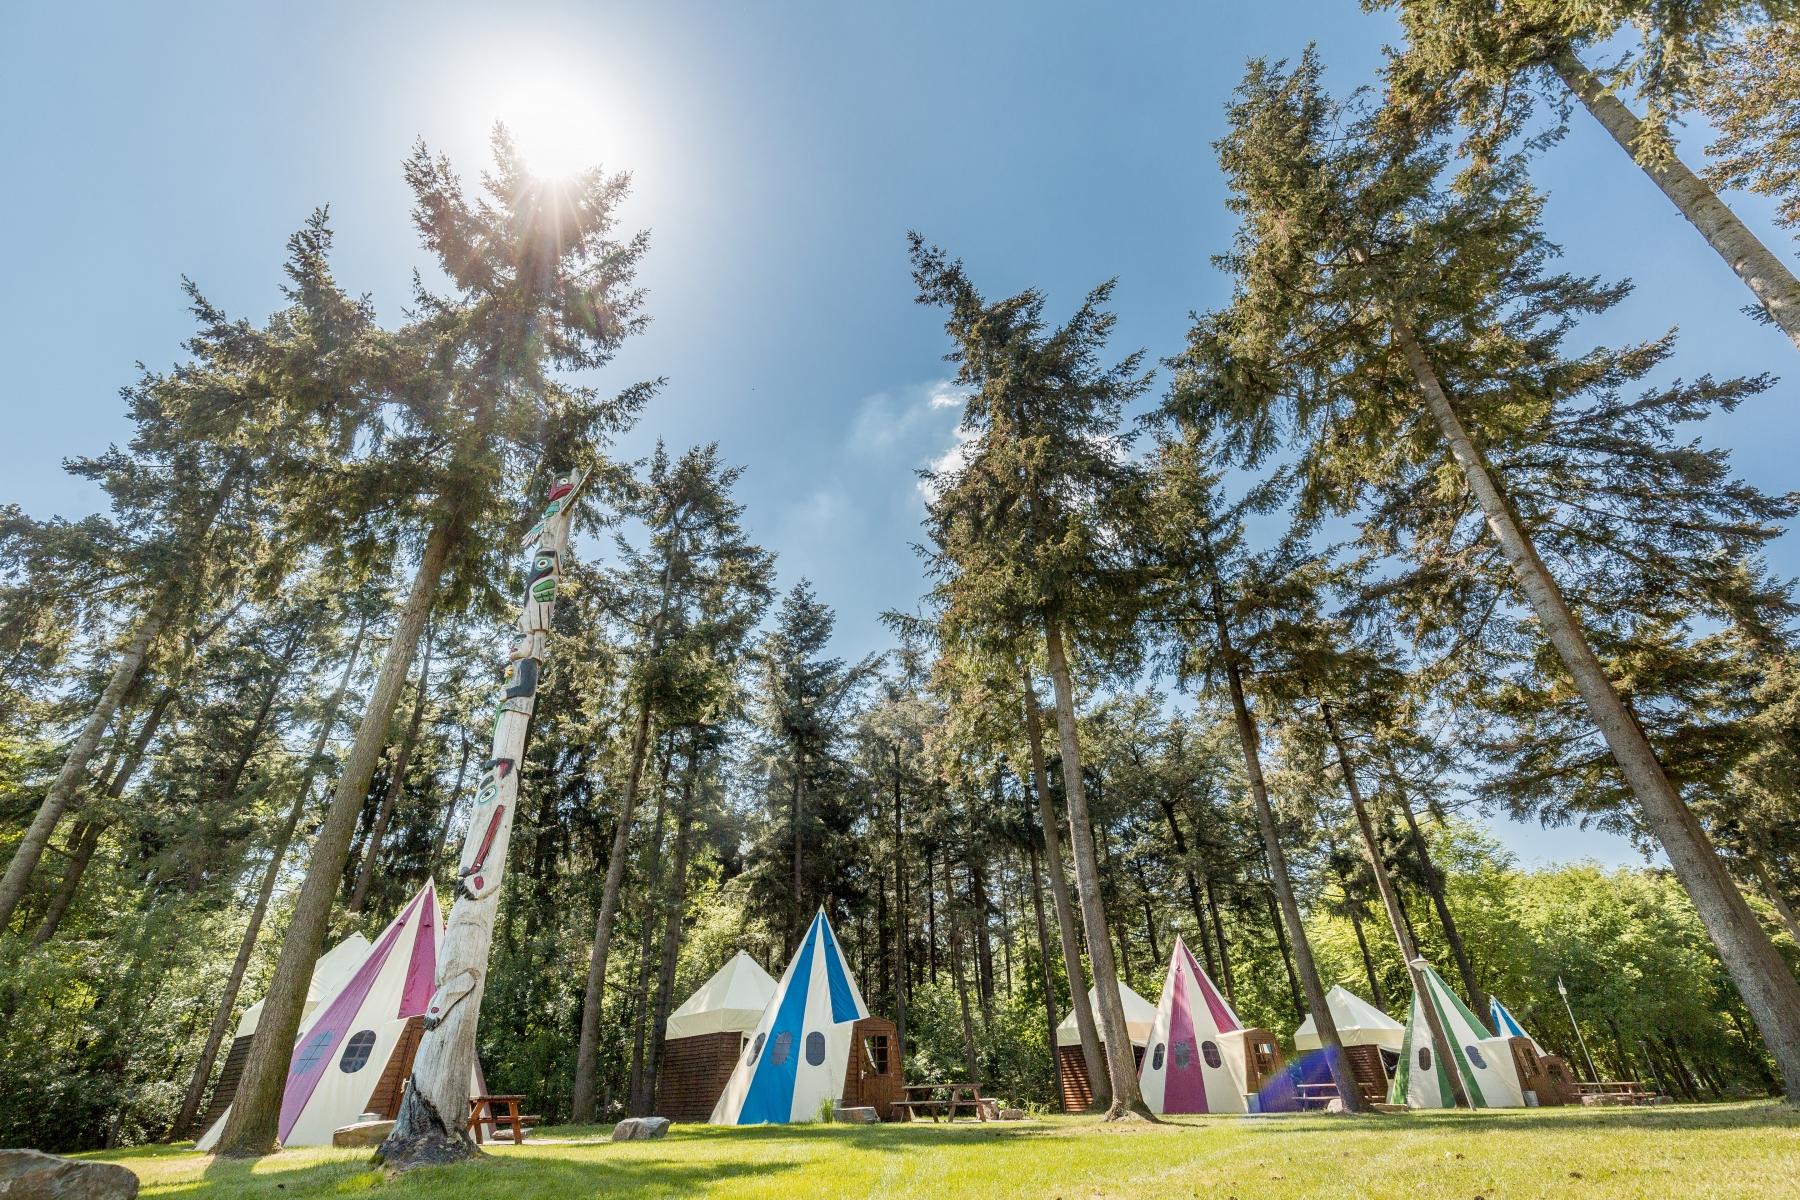 Vakantiedeal vakantiehuisje Noordoost-Brabant 🏕️Vakantiepark De Bergen